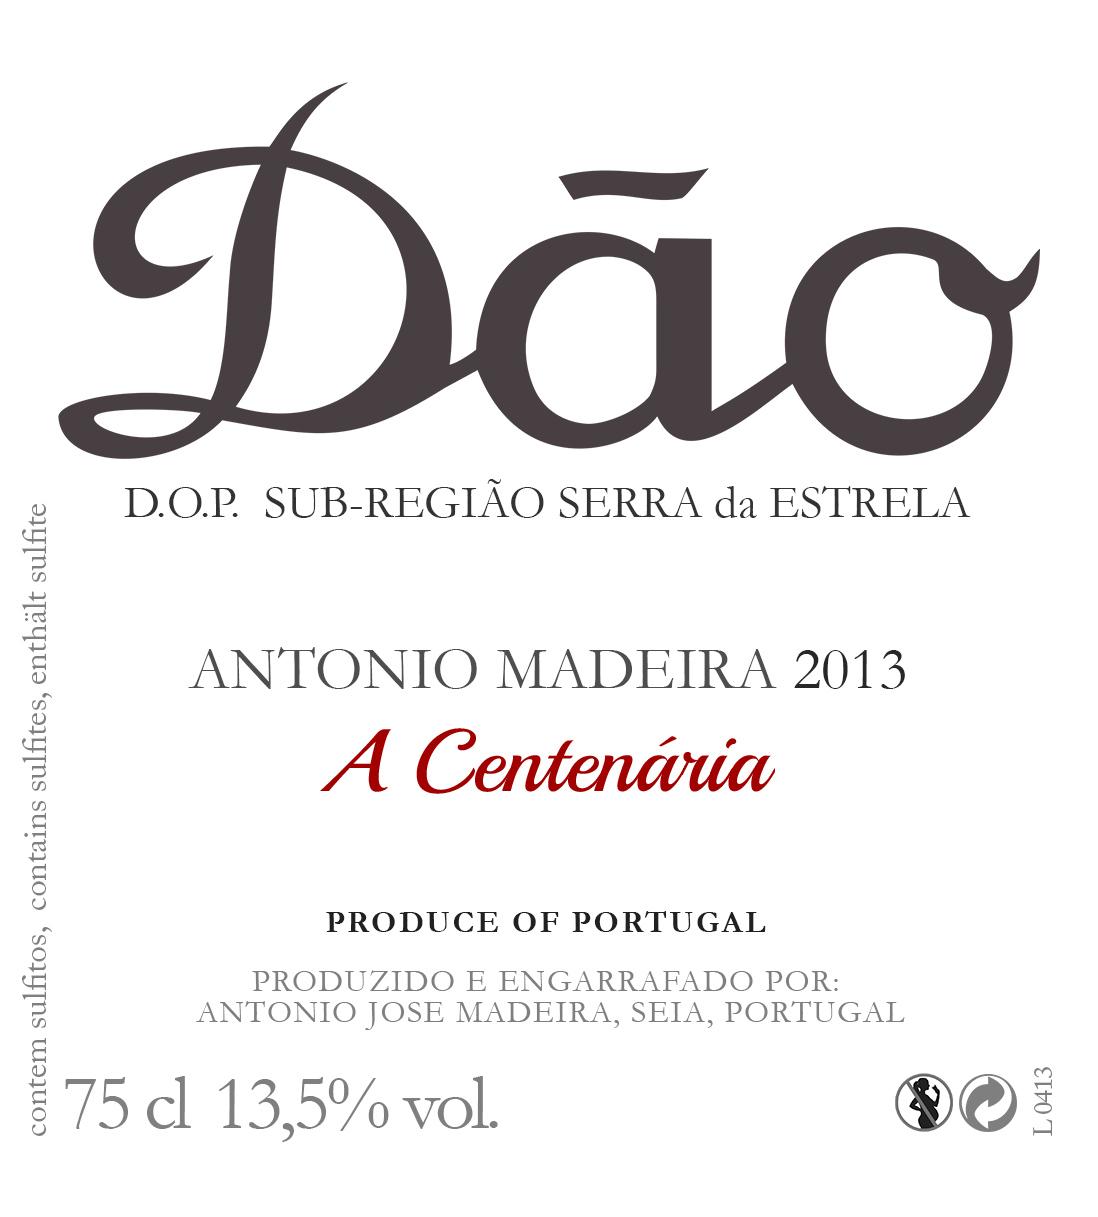 A Centenaria 2013